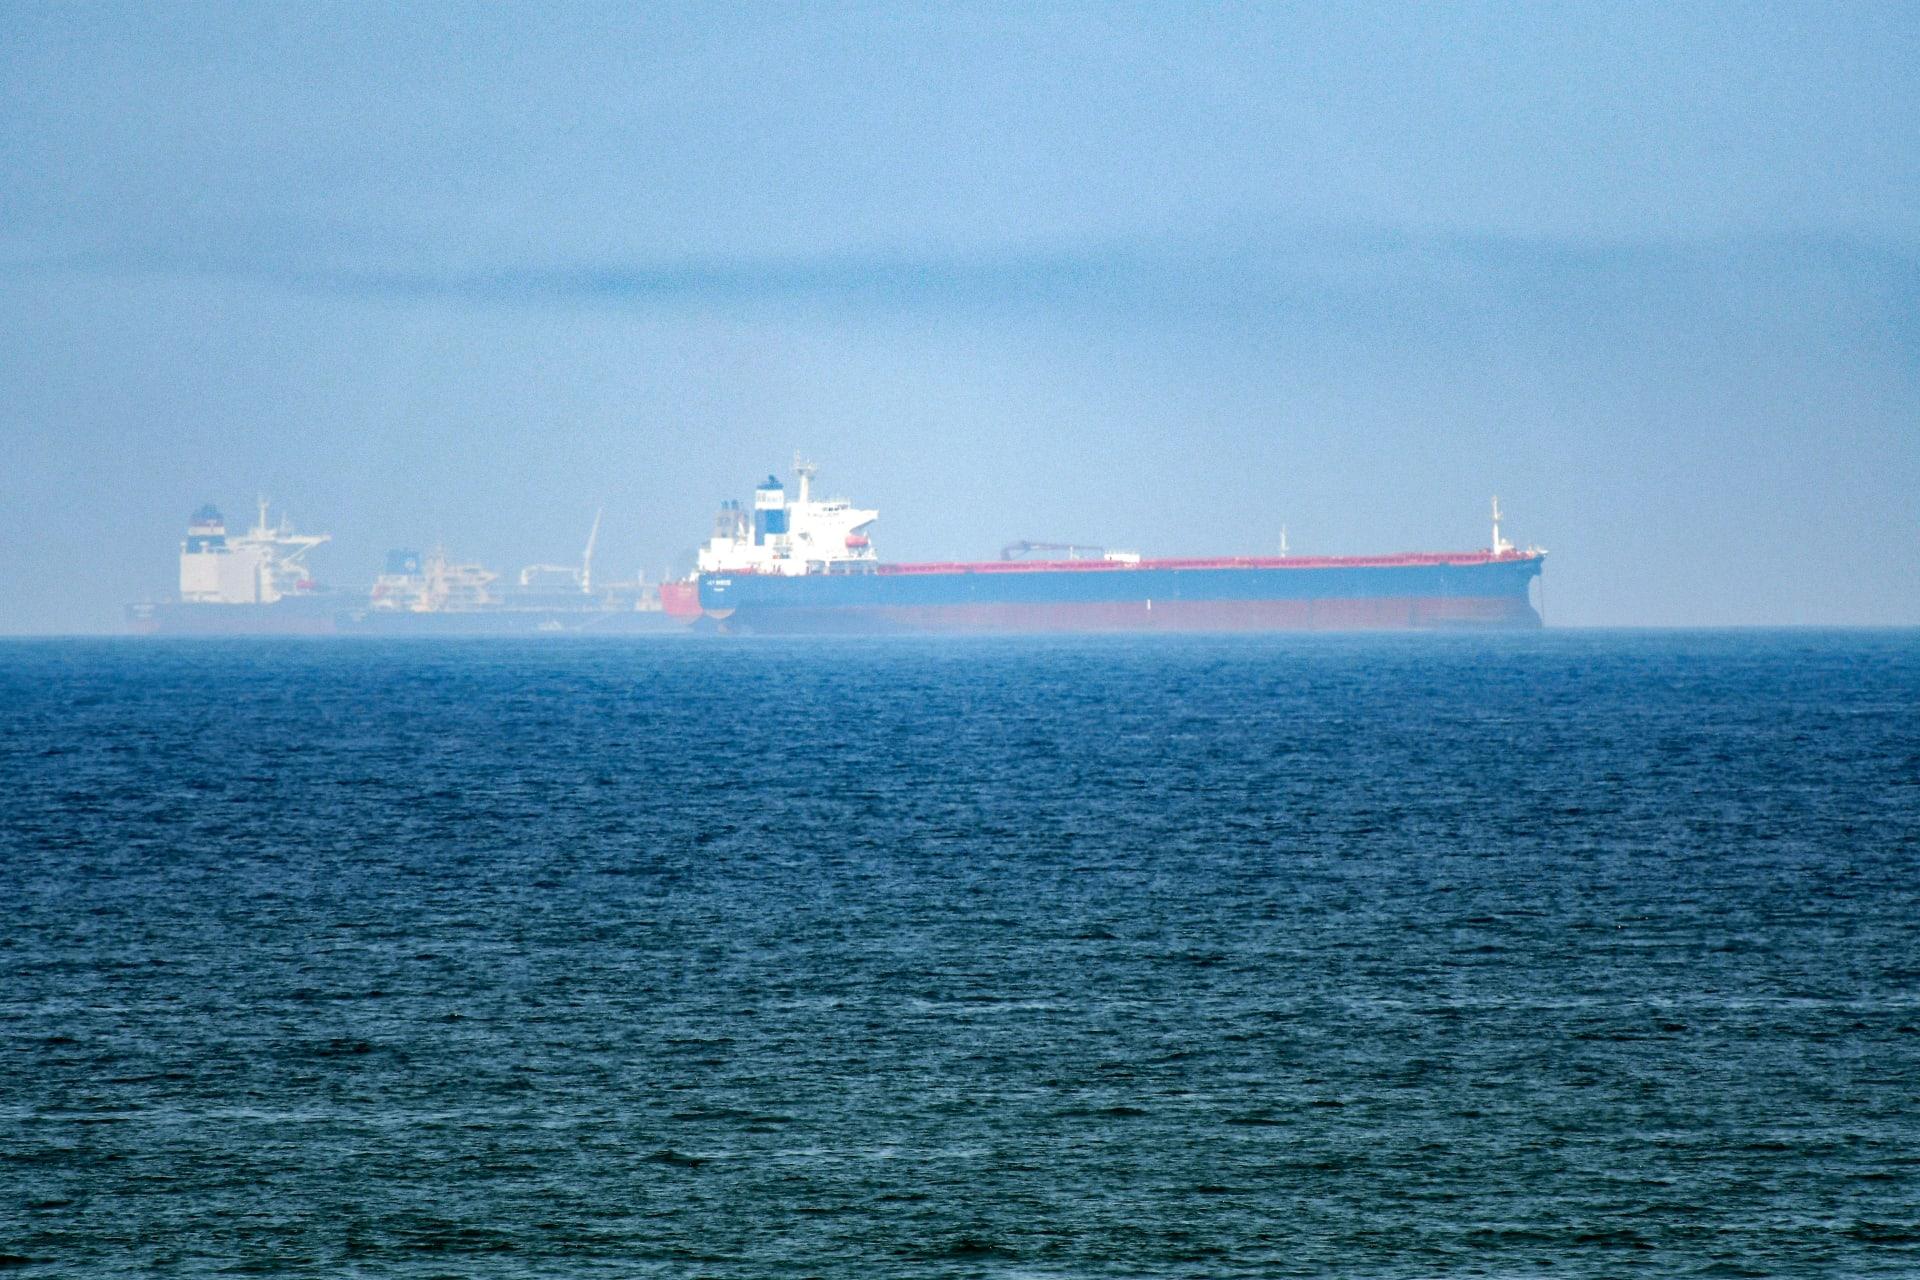 تظهر هذه الصورة التي تم التقاطها في 15 يونيو 2019 سفن ناقلة في مياه خليج عمان قبالة ساحل إمارة الفجيرة بشرق الإمارات العربية المتحدة.